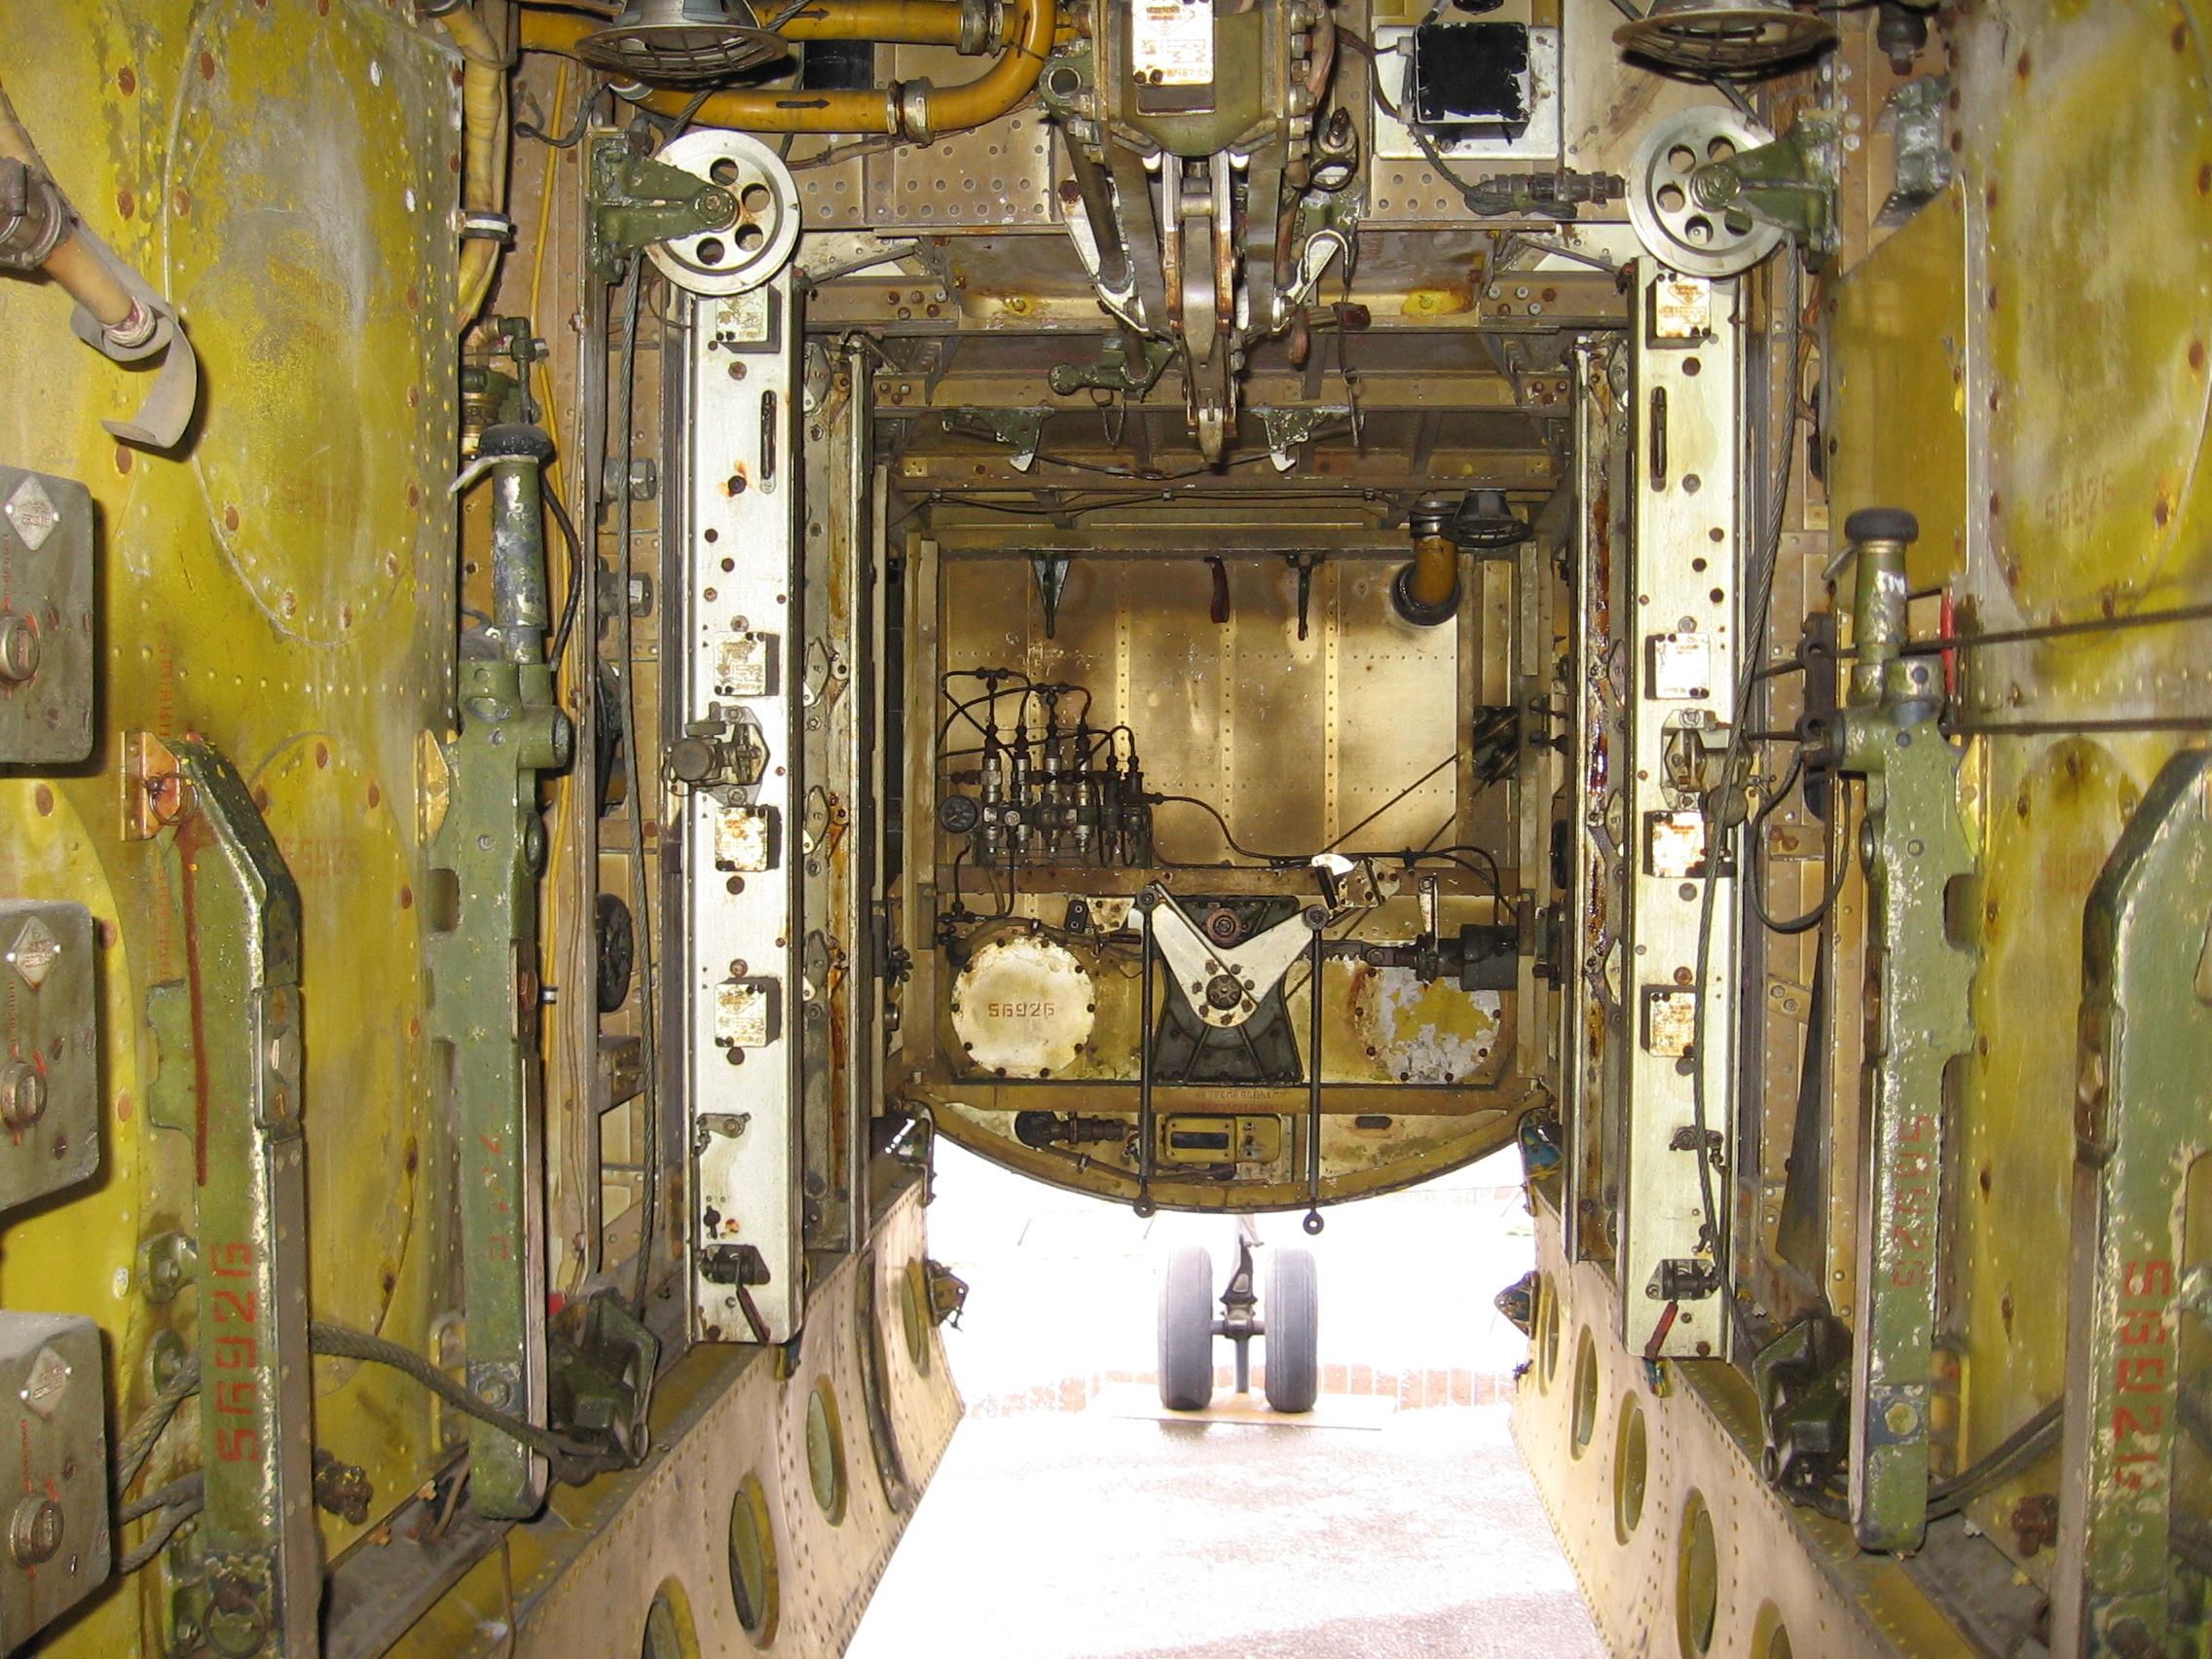 Bomb bay (bomb rack) Il-28